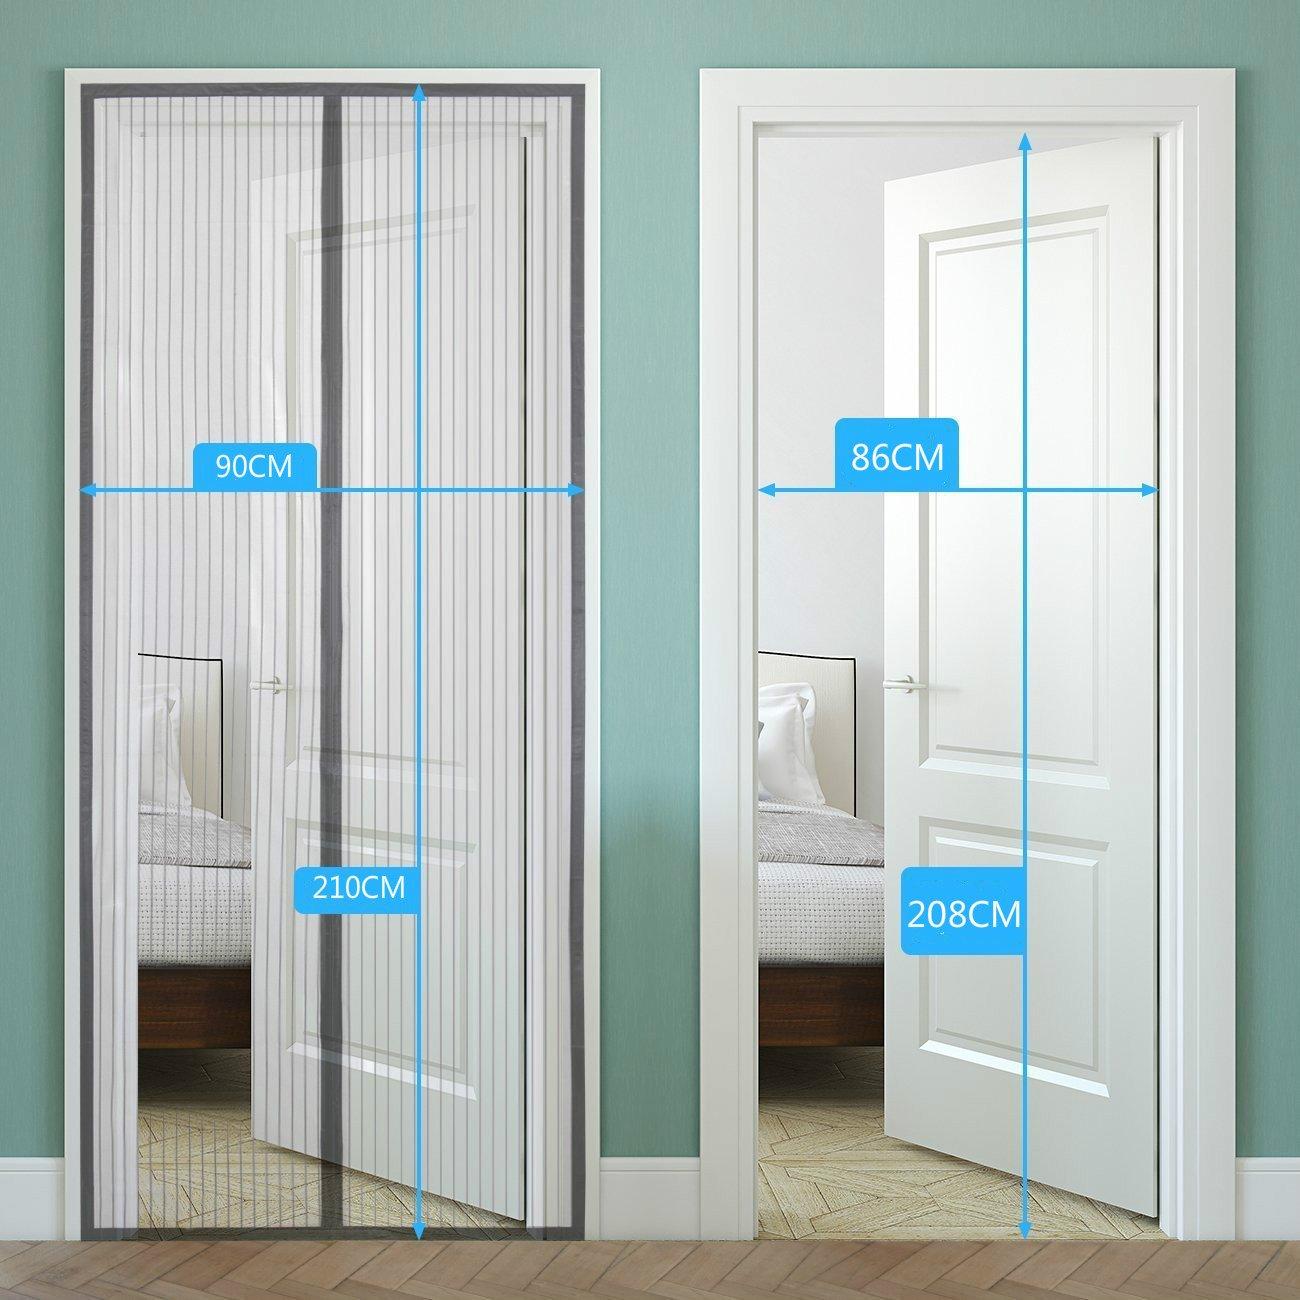 2 puertas de pantalla magnética para puerta corredera, 220 x 110 cm, puerta de mosquitera de malla.: Amazon.es ...